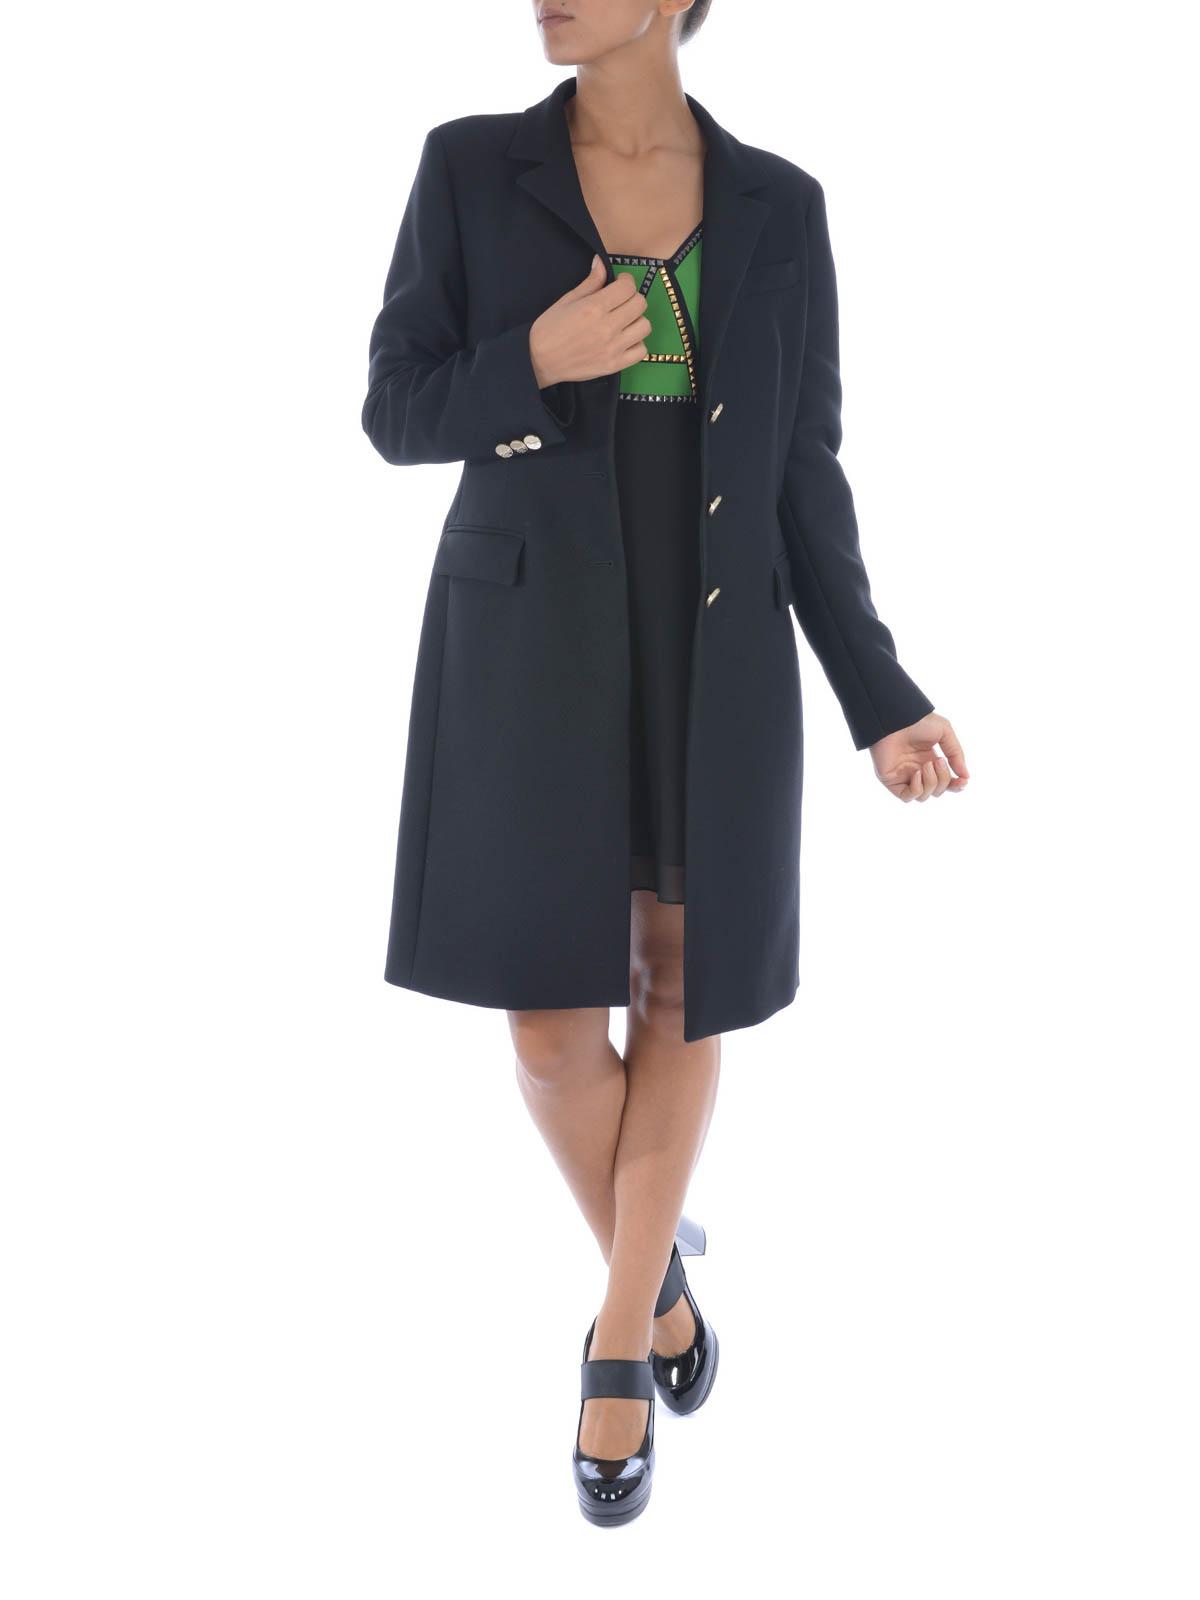 Versace cappotto classico con bottoni oro